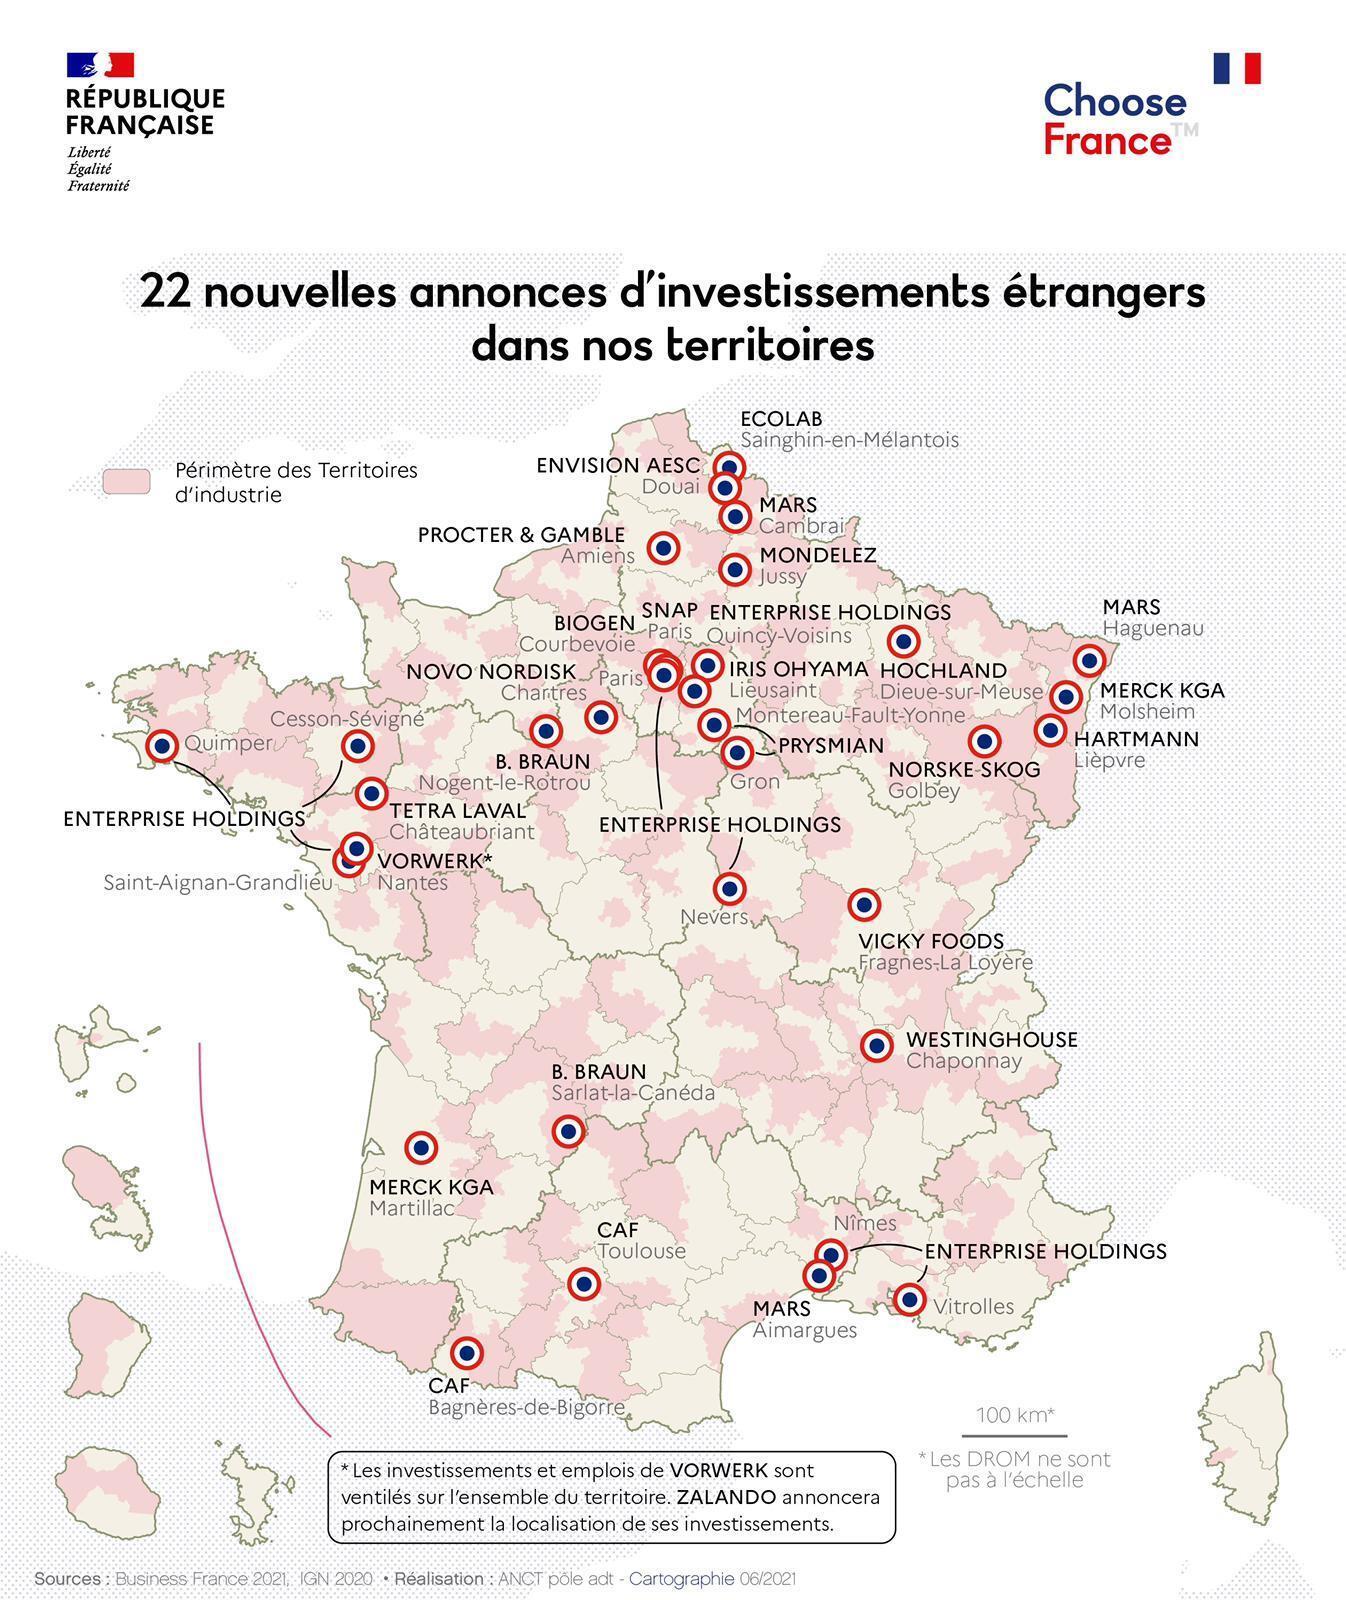 """第四届""""选择法国""""峰会的22项外国投资在法分布图"""